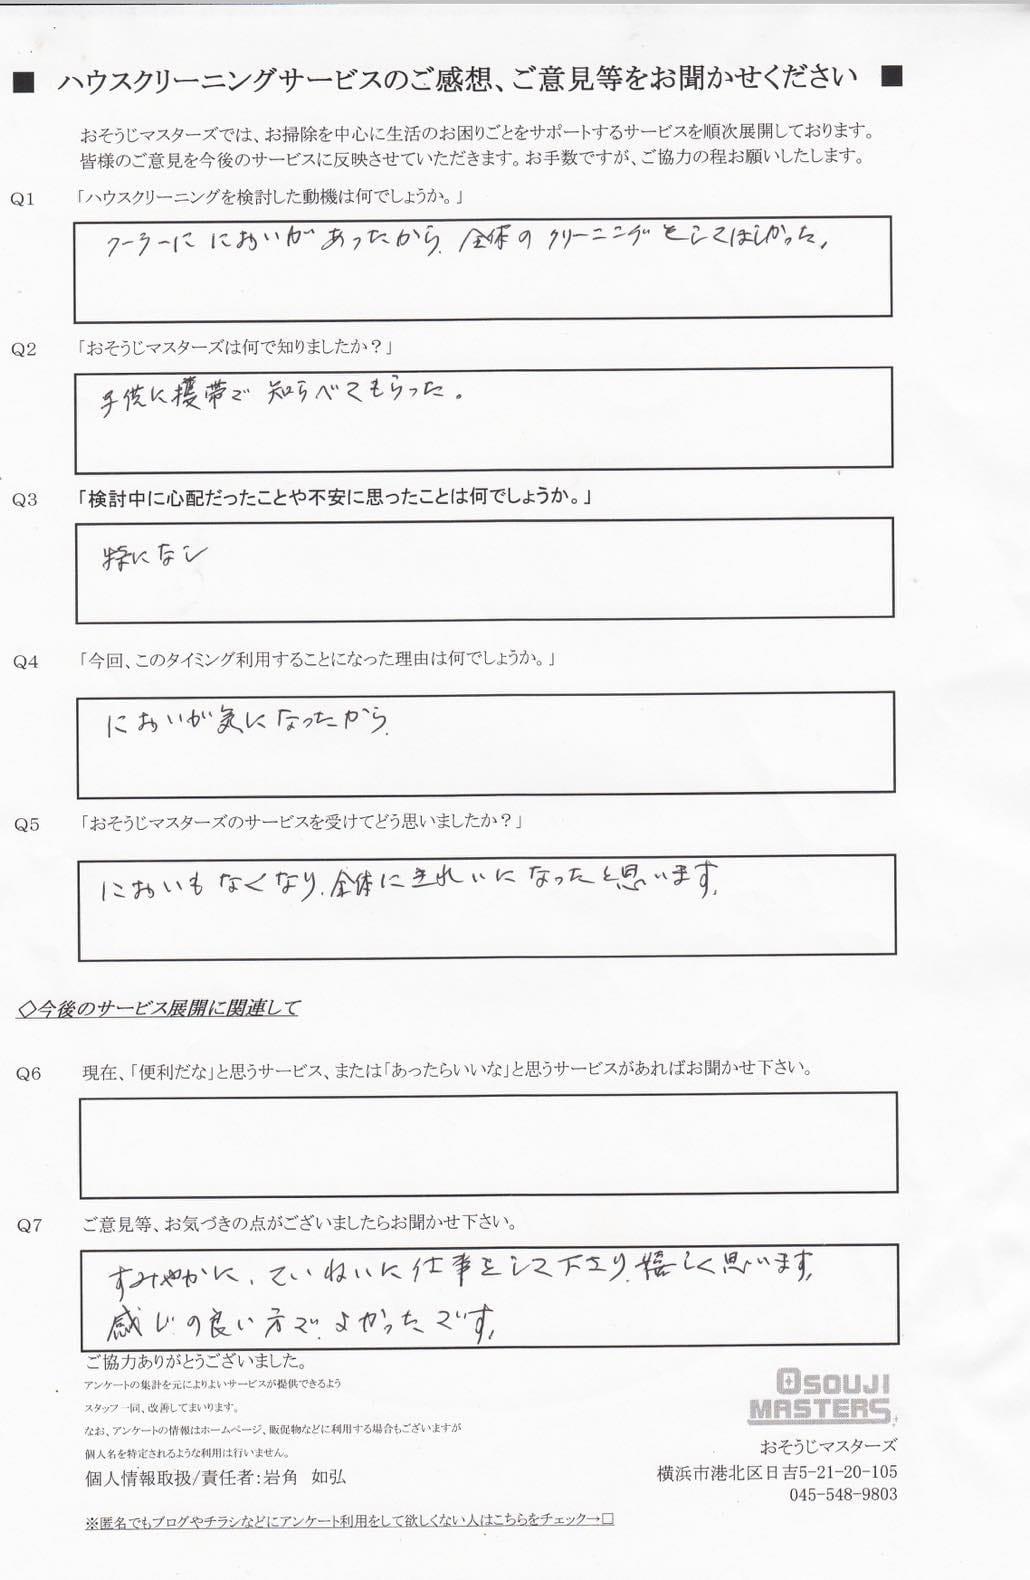 2015/08/03 エアコンクリーニング 横浜市鶴見区